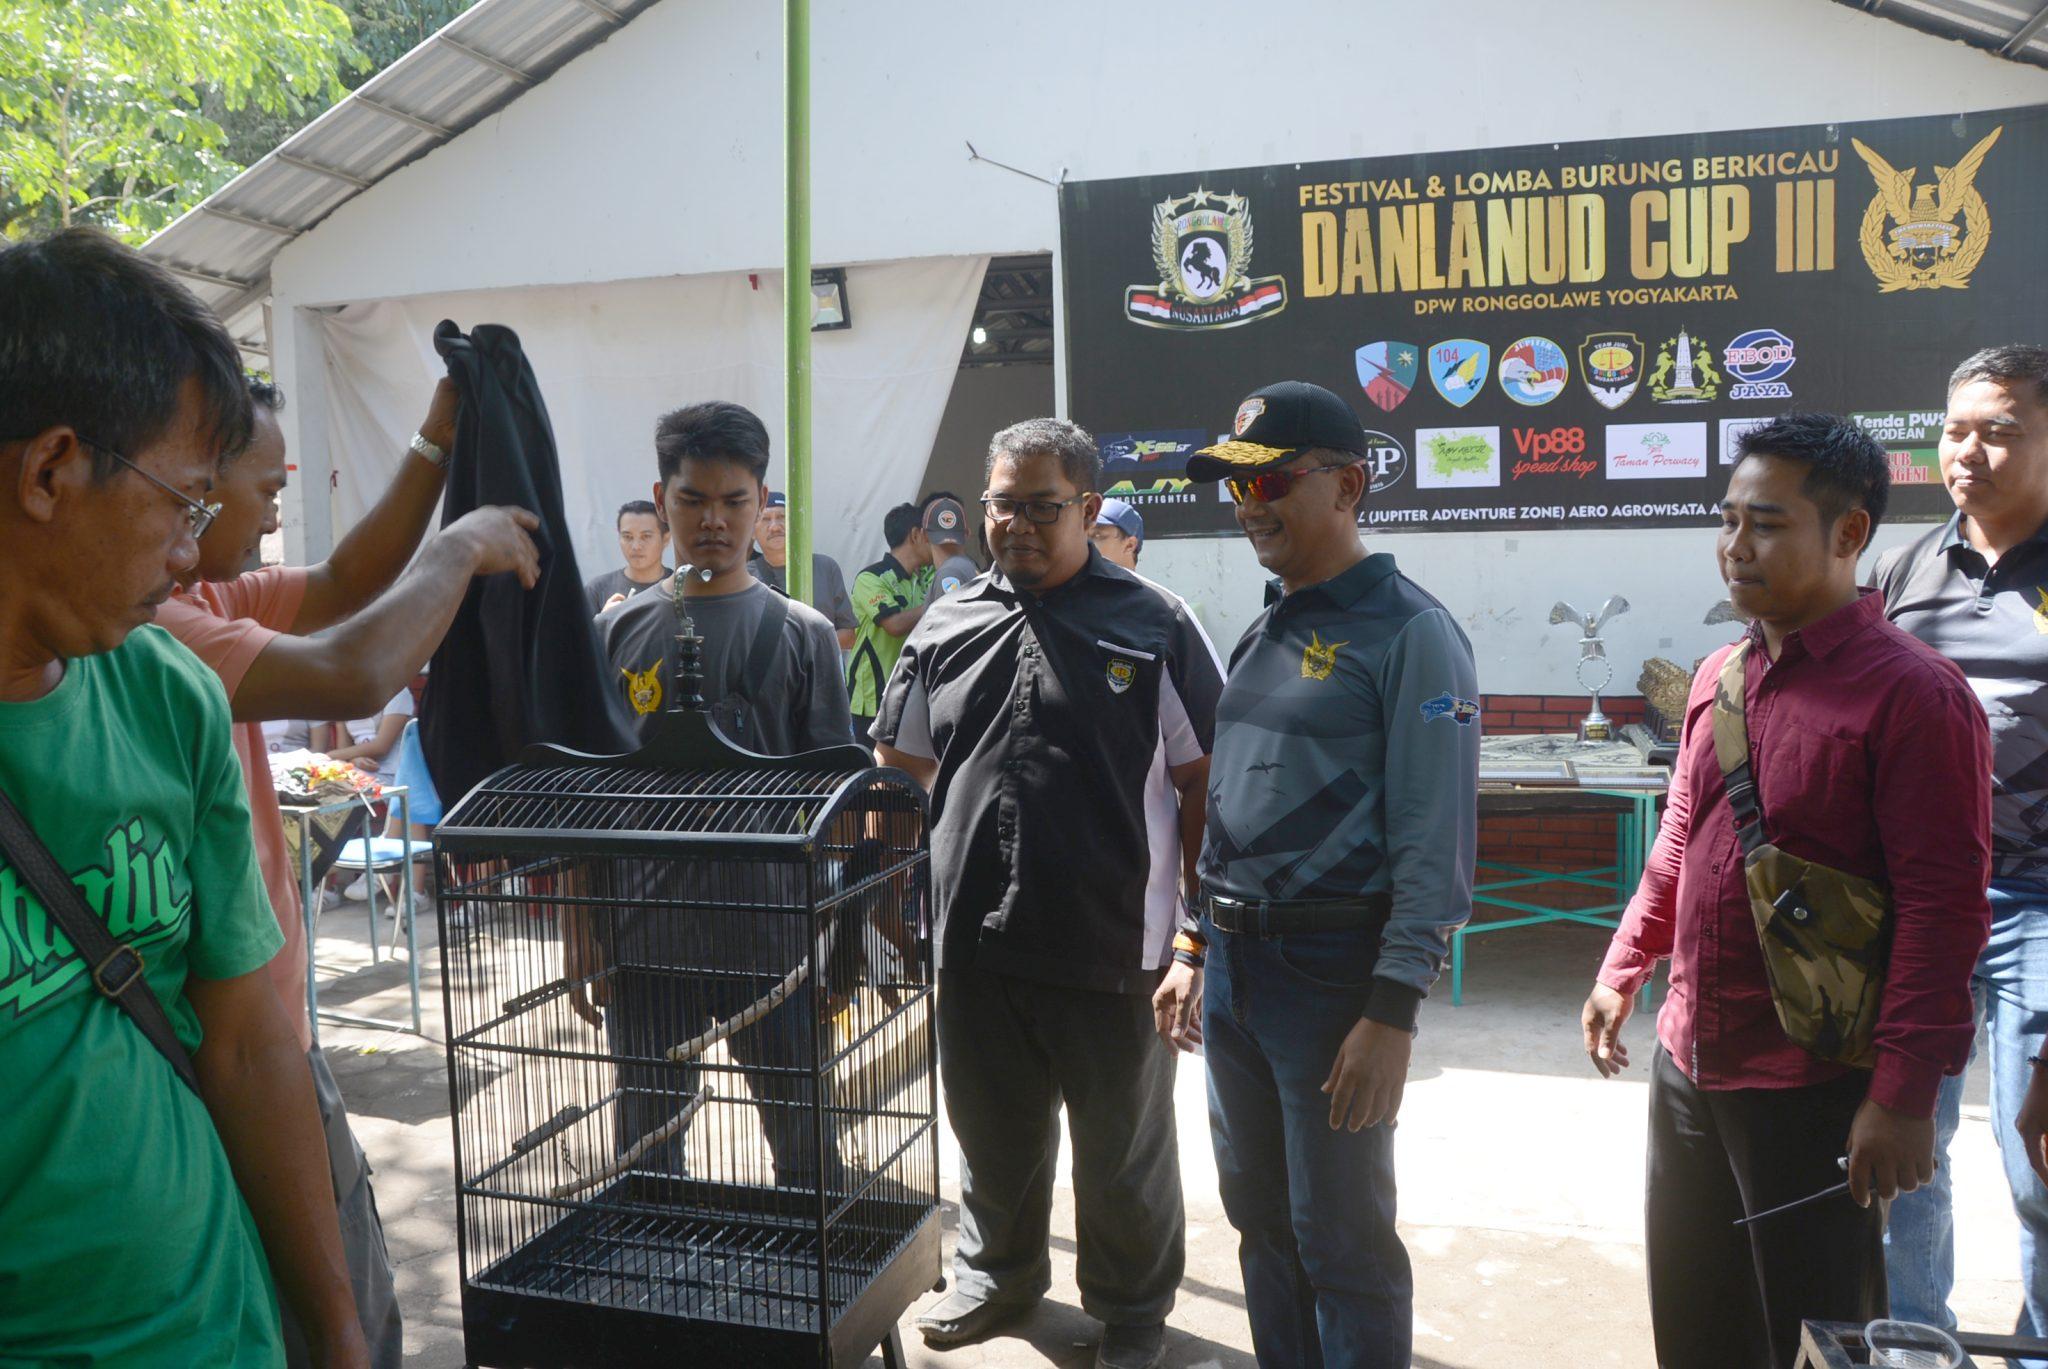 Festival dan Lomba burung berkicau Danlanud Cup III diselenggarakan di Lanud Adisutjipto